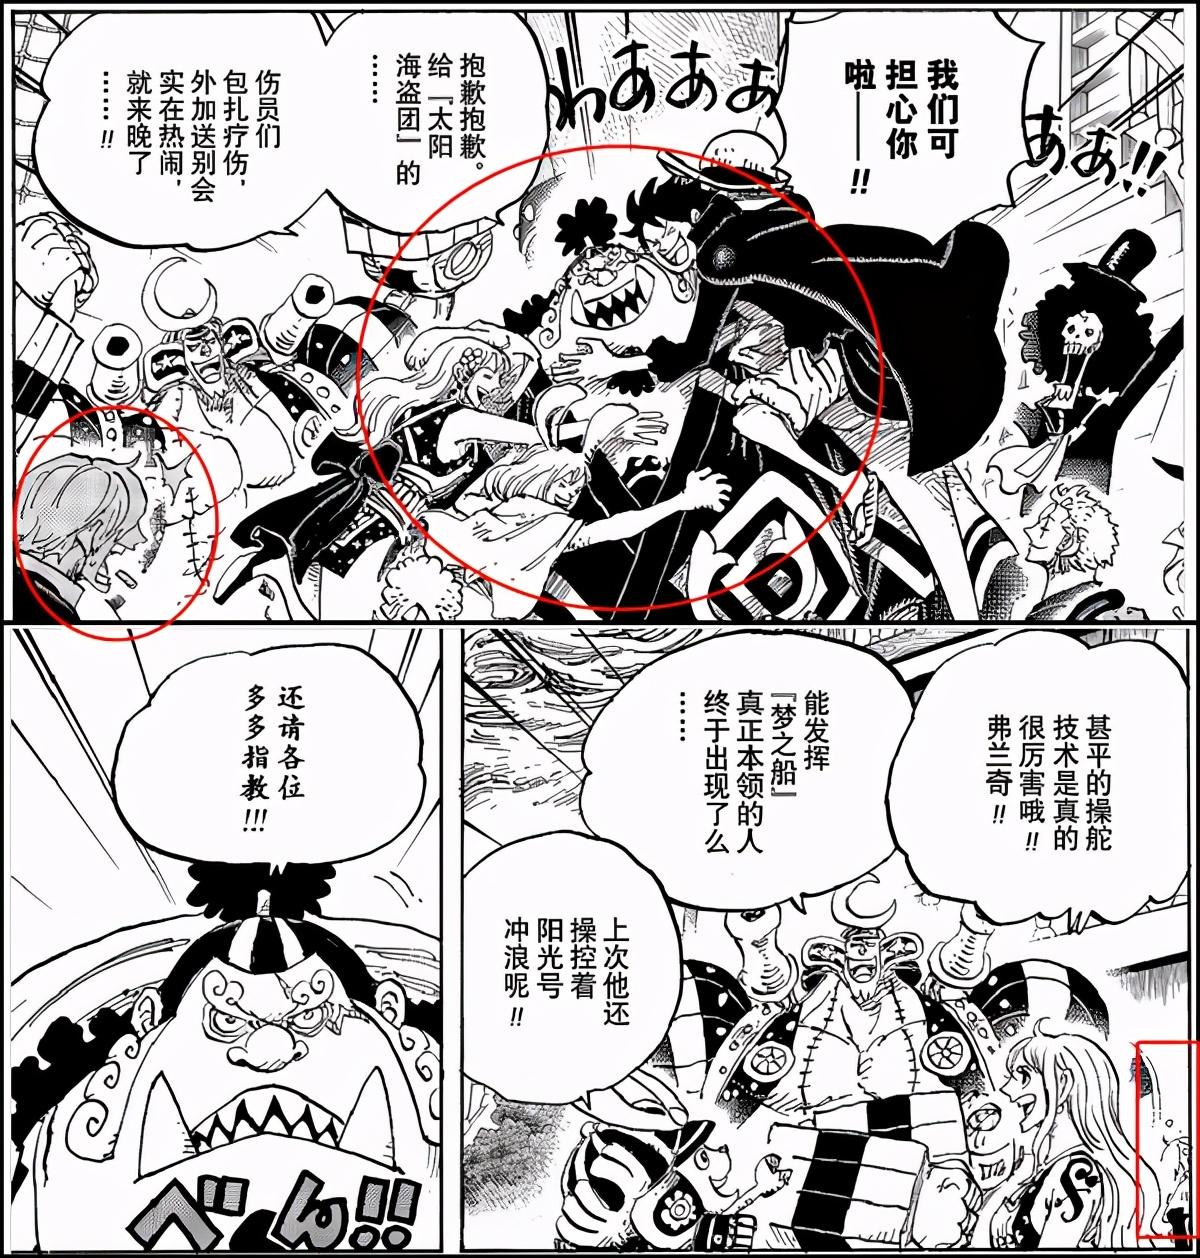 海賊王98卷:熊貓人變月獅!Smile能力者的犄角竟是時尚